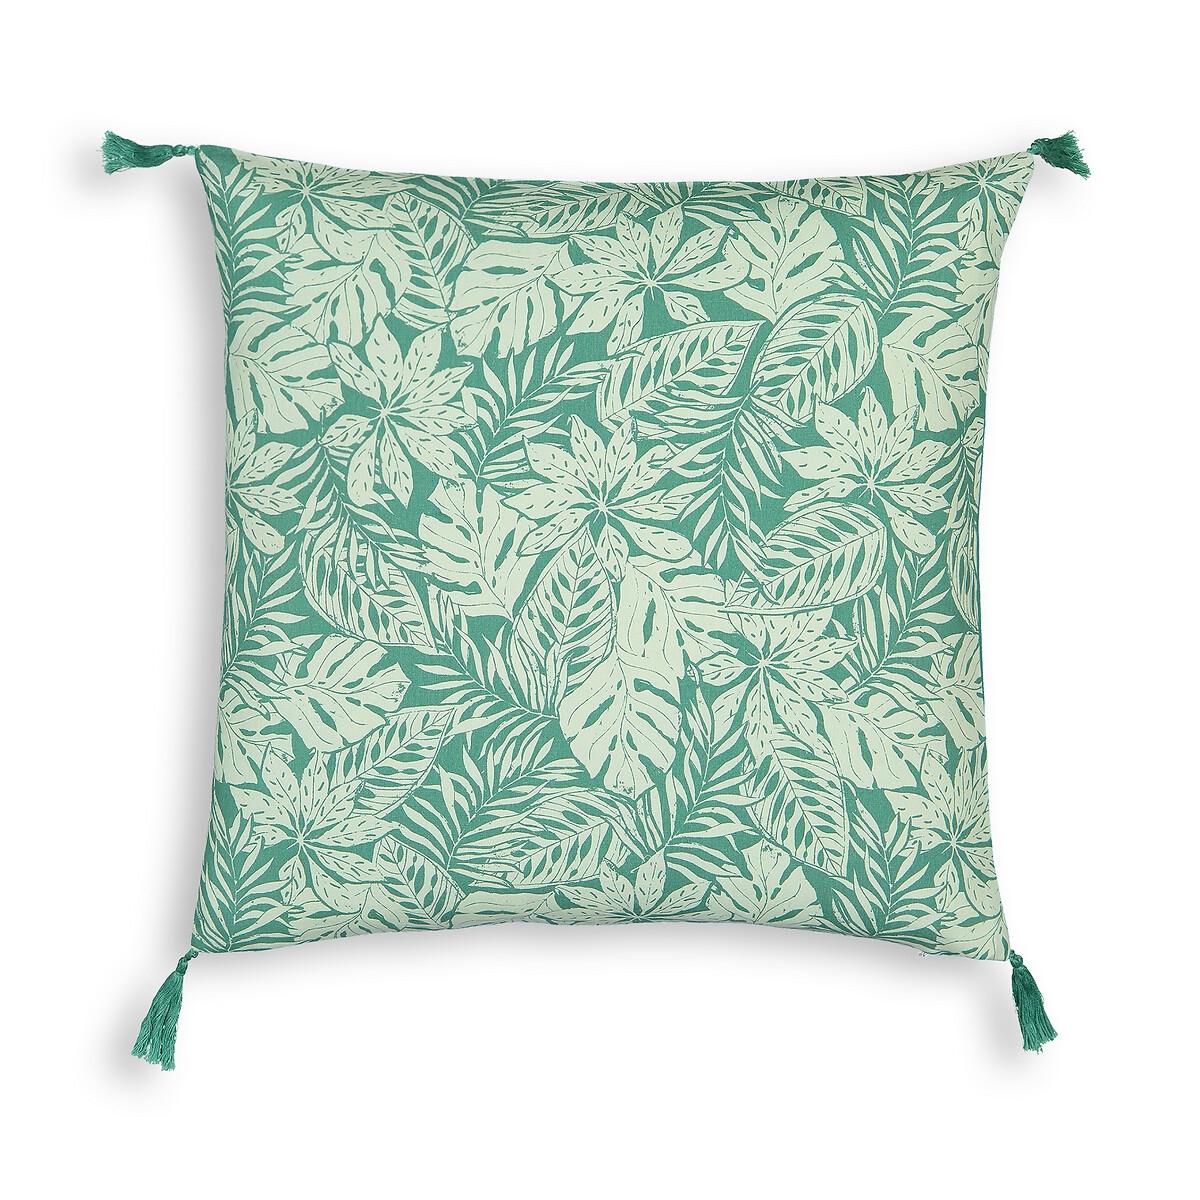 Фото - Чехол LaRedoute Для подушки из осветленного хлопка Ficus 40 x 40 см зеленый пододеяльник laredoute из осветленного хлопка babette 260 x 240 см зеленый